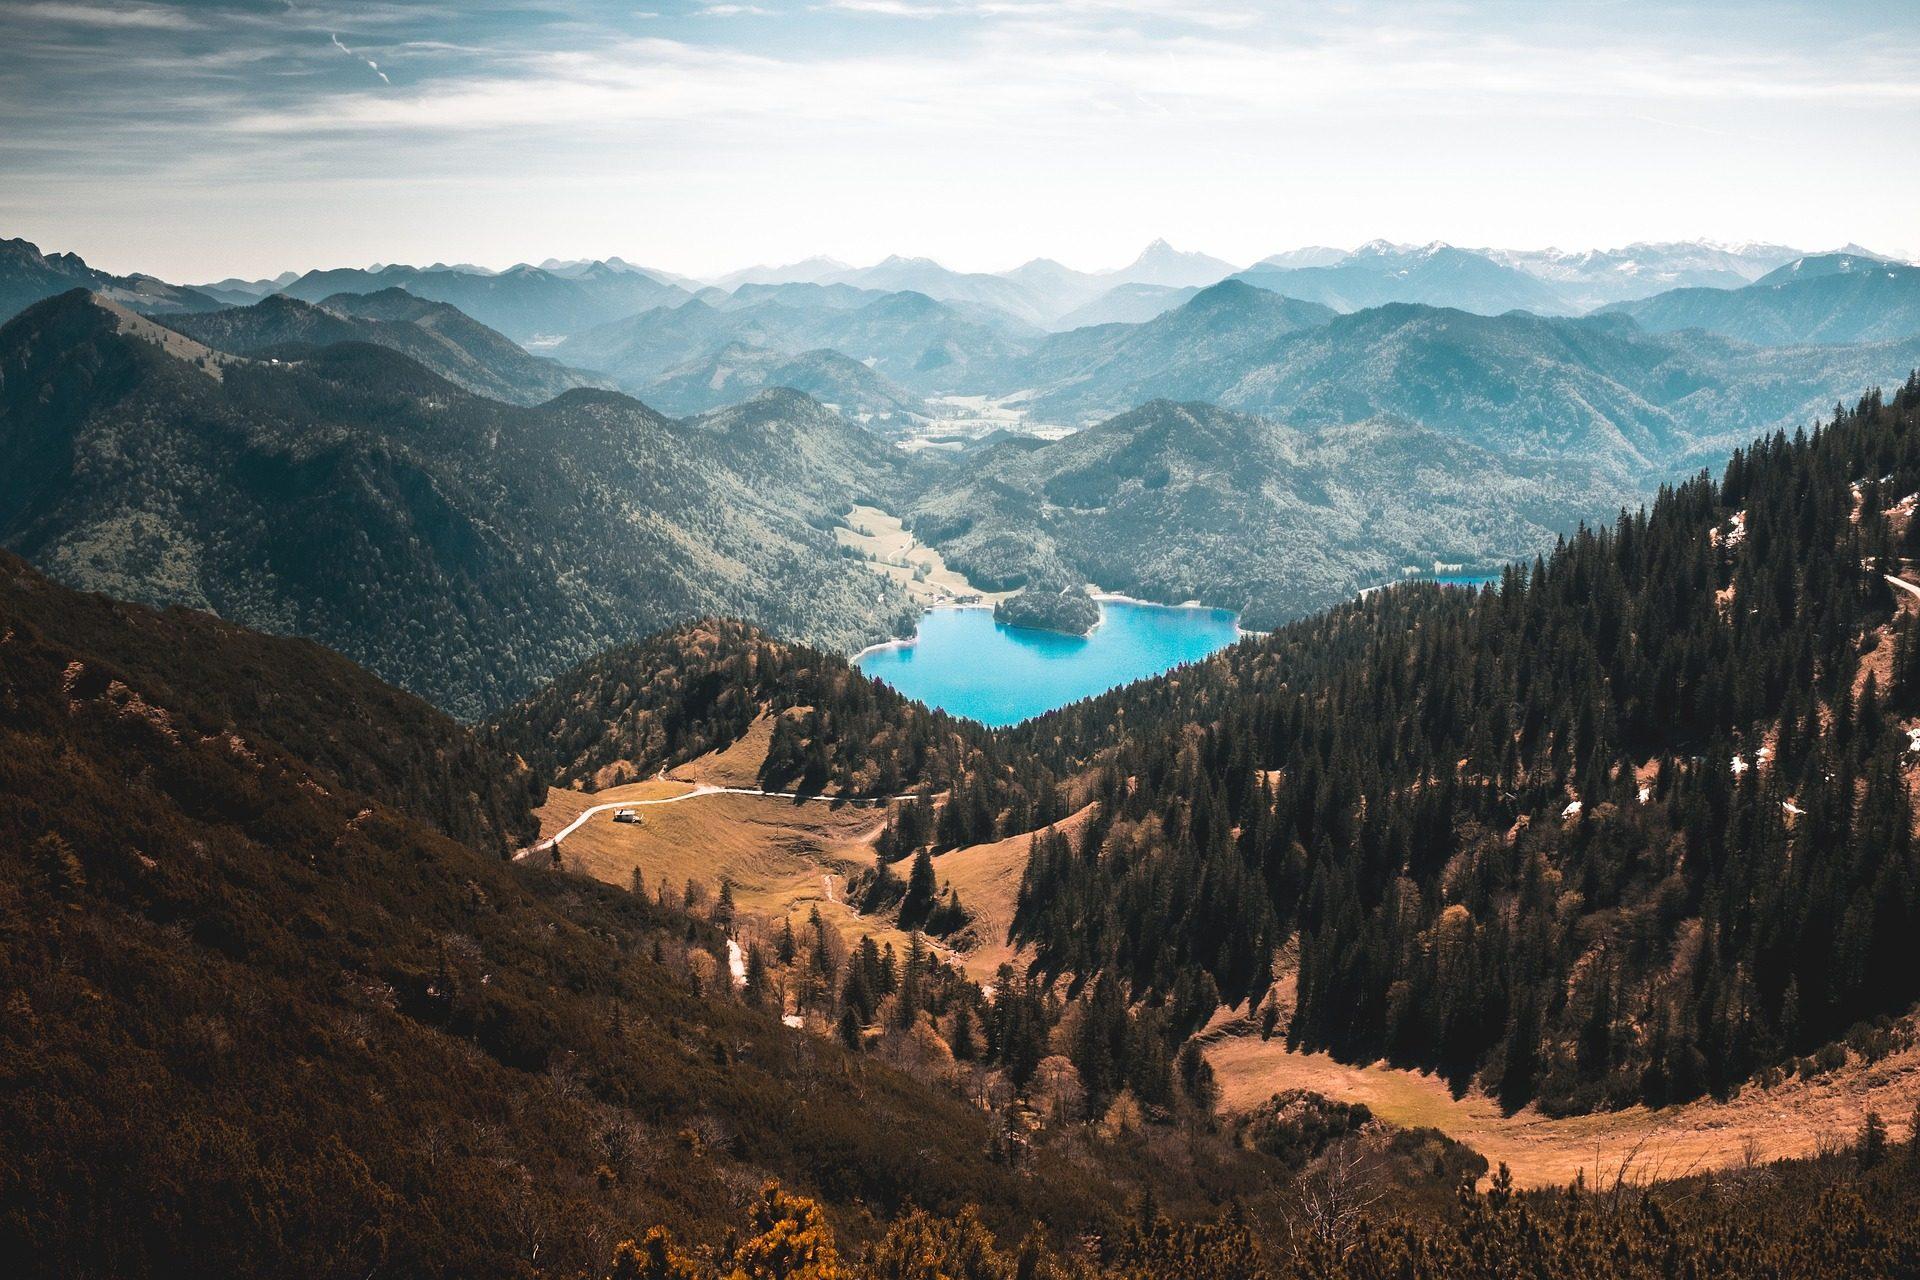 Montañas, arbres, hauteurs, Lake, Réservation - Fonds d'écran HD - Professor-falken.com